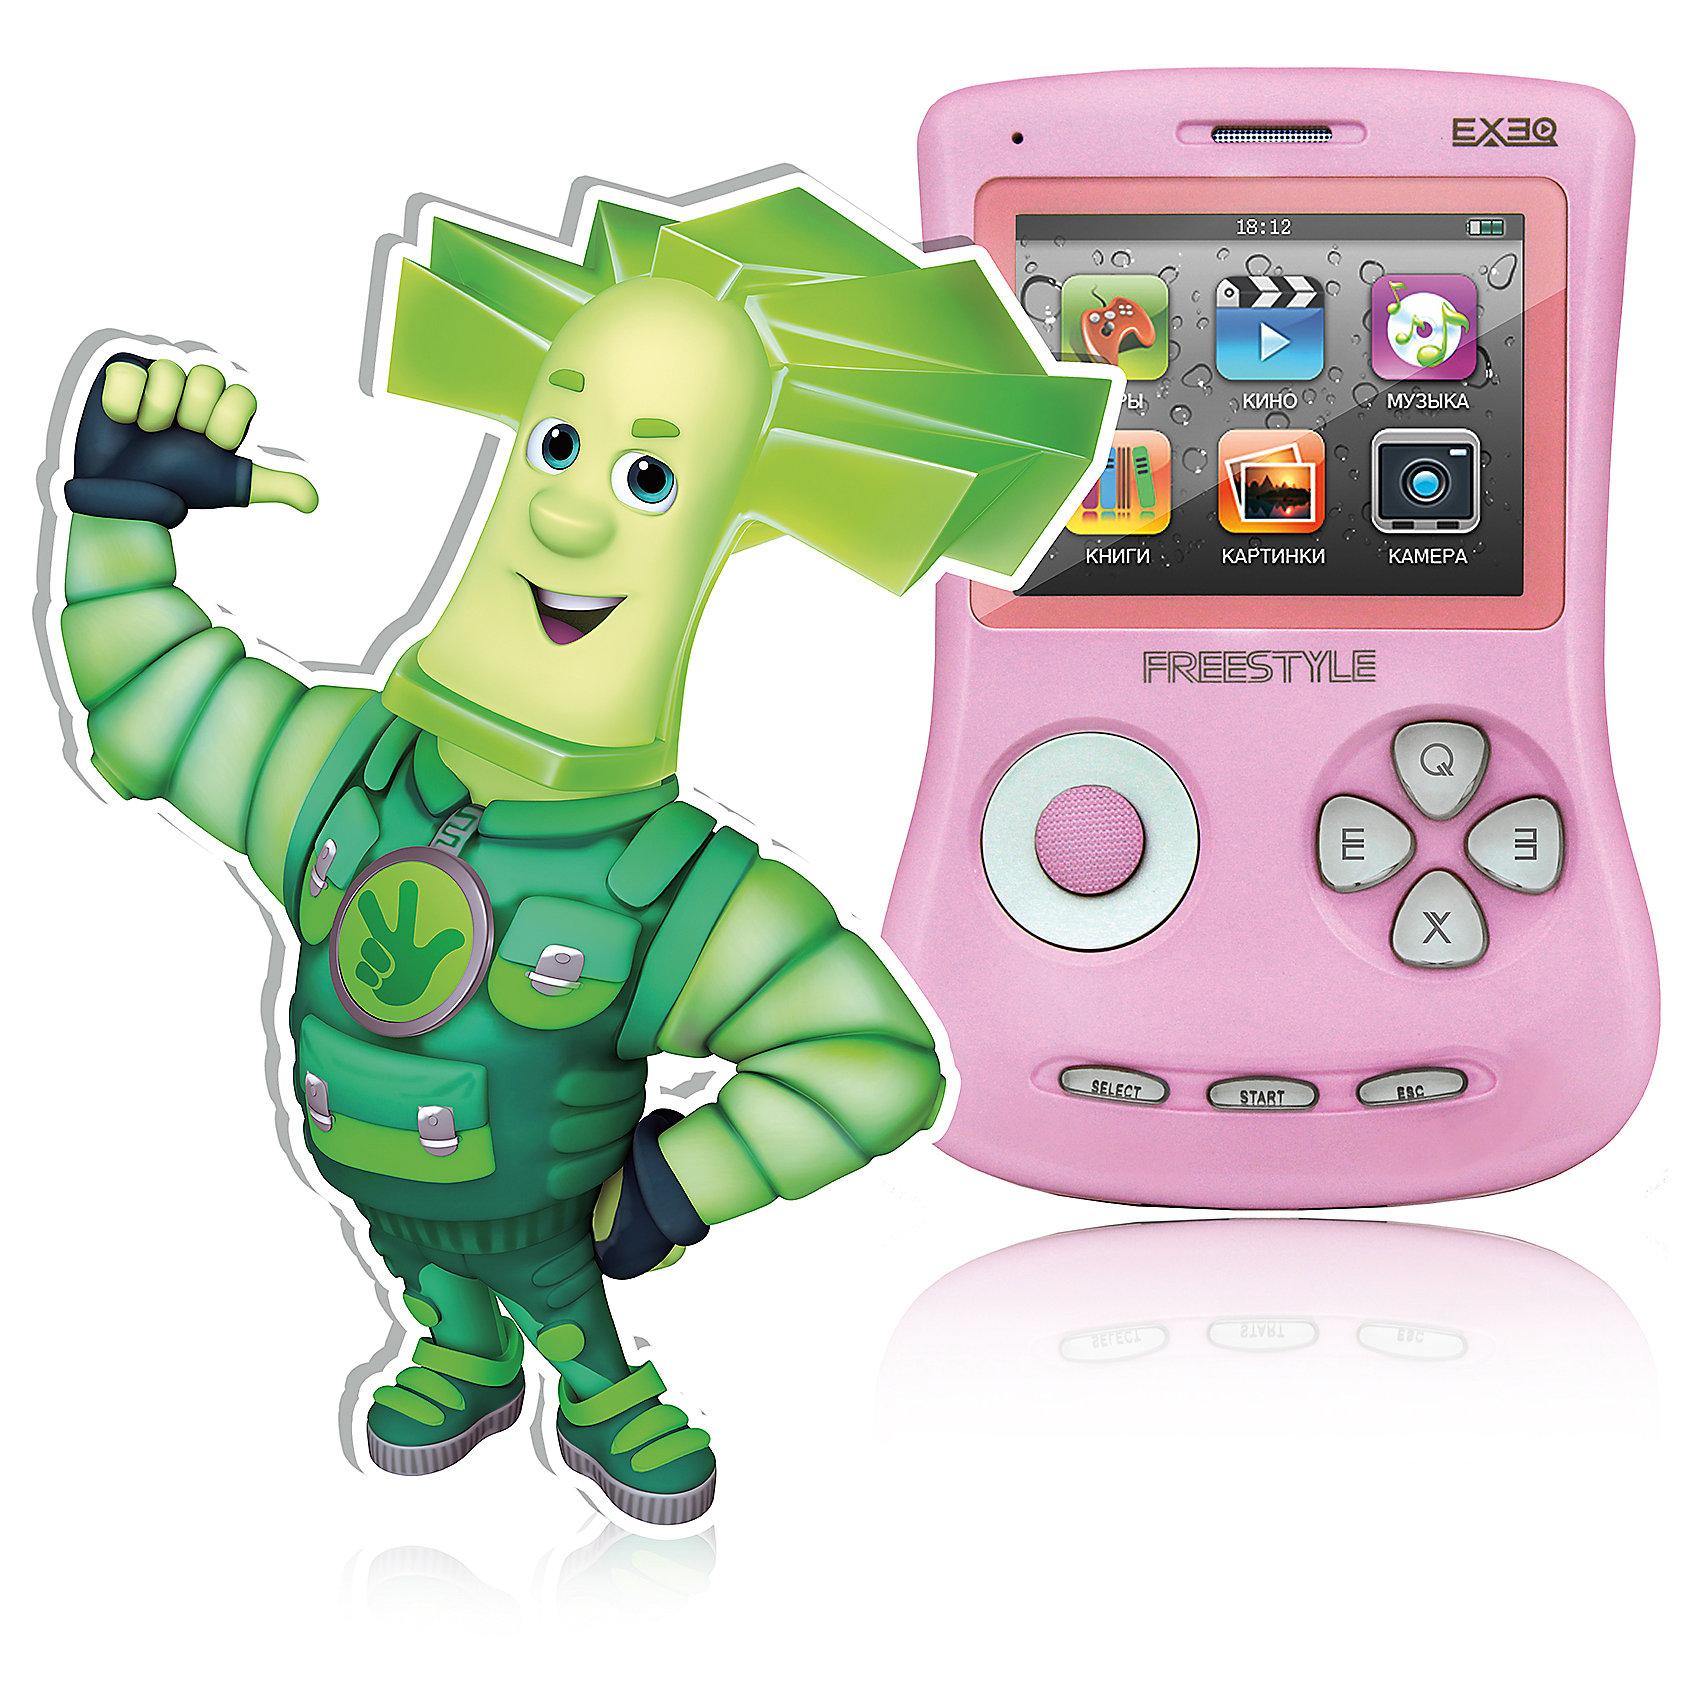 Игровая Фикси - Приставка Freestyle, EXEQ, ФиксикиИгровая Фикси - Приставка Freestyle, EXEQ, Фиксики - портативное устройство, объединившее игровую приставку, камеру, плеер и многое другое.<br>Игровая Фикси - Приставка Freestyle – это универсальная игровая приставка с оригинальным дизайном, LCD-дисплеем в 2,7 дюймов, встроенной памятью на 4 Гб и богатыми мультимедийными возможностями! Фикси-приставка воспроизводит любые игрушки на 8, 16 и 32 бита, которые можно свободно и бесплатно скачать из Интернета или же довольствоваться 700 встроенными играми. А когда игры наскучат, Freestyle развлечет вас музыкой (поддерживаются MP3, FLAC, APE и другие), видео в большинстве популярных форматов (включая MP4, AVI) или чтением электронных книг. В арсенале приставки предусмотрены даже FM-радио и камера! И еще один немаловажный аргумент – наличие видеовыхода на телевизор с RCA-кабелем в комплекте! Также игровая Фикси-приставка Freestyle имеет специальный пакет приложений от Фиксиков.<br><br>Дополнительная информация:<br><br>- Комплектация: игровая консоль, сетевой адаптер, наушники, AV-кабель, USB-кабель, инструкция, гарантийный талон<br>- Приложения: 700 предустановленных игр, календарь, часы, калькулятор, секундомер и др.<br>- Пакет приложений от фиксиков: 12 серий сериала «Фиксики», 6 видеоклипов и Фиксипелки<br>- Наслаждайтесь музыкой во время просмотра изображений или чтения книг<br>- Дисплей: 2,7 LCD с разрешением 320х240 px<br>- Встроенная память: 4 Гб<br>- Источник питания: аккумулятор Lion емкостью 900 mAH<br>- Время работы без подзарядки: около 6 часов<br>- Разъемы: AV-выход (видео + аудио), PAL/NTSC, выход для наушников, USB<br>- Карты памяти: Micro SD, объёмом до 16 Gb<br>- Зарядка: через сетевой адаптер или от ПК через USB<br>- Аудио: MP3, WMA, WMA, AAC, FLAC, APE и другие музыкальные форматы<br>- Видео: RRM, RMVB, AVI, FLV, 3GP, MP4, ASF, WAV, DAT, MPG и другие видео форматы<br>- Изображения: JPEG, BMP, GIF, PNG полноэкранный просмотр, слайд-шоу<br>- Электронная книг